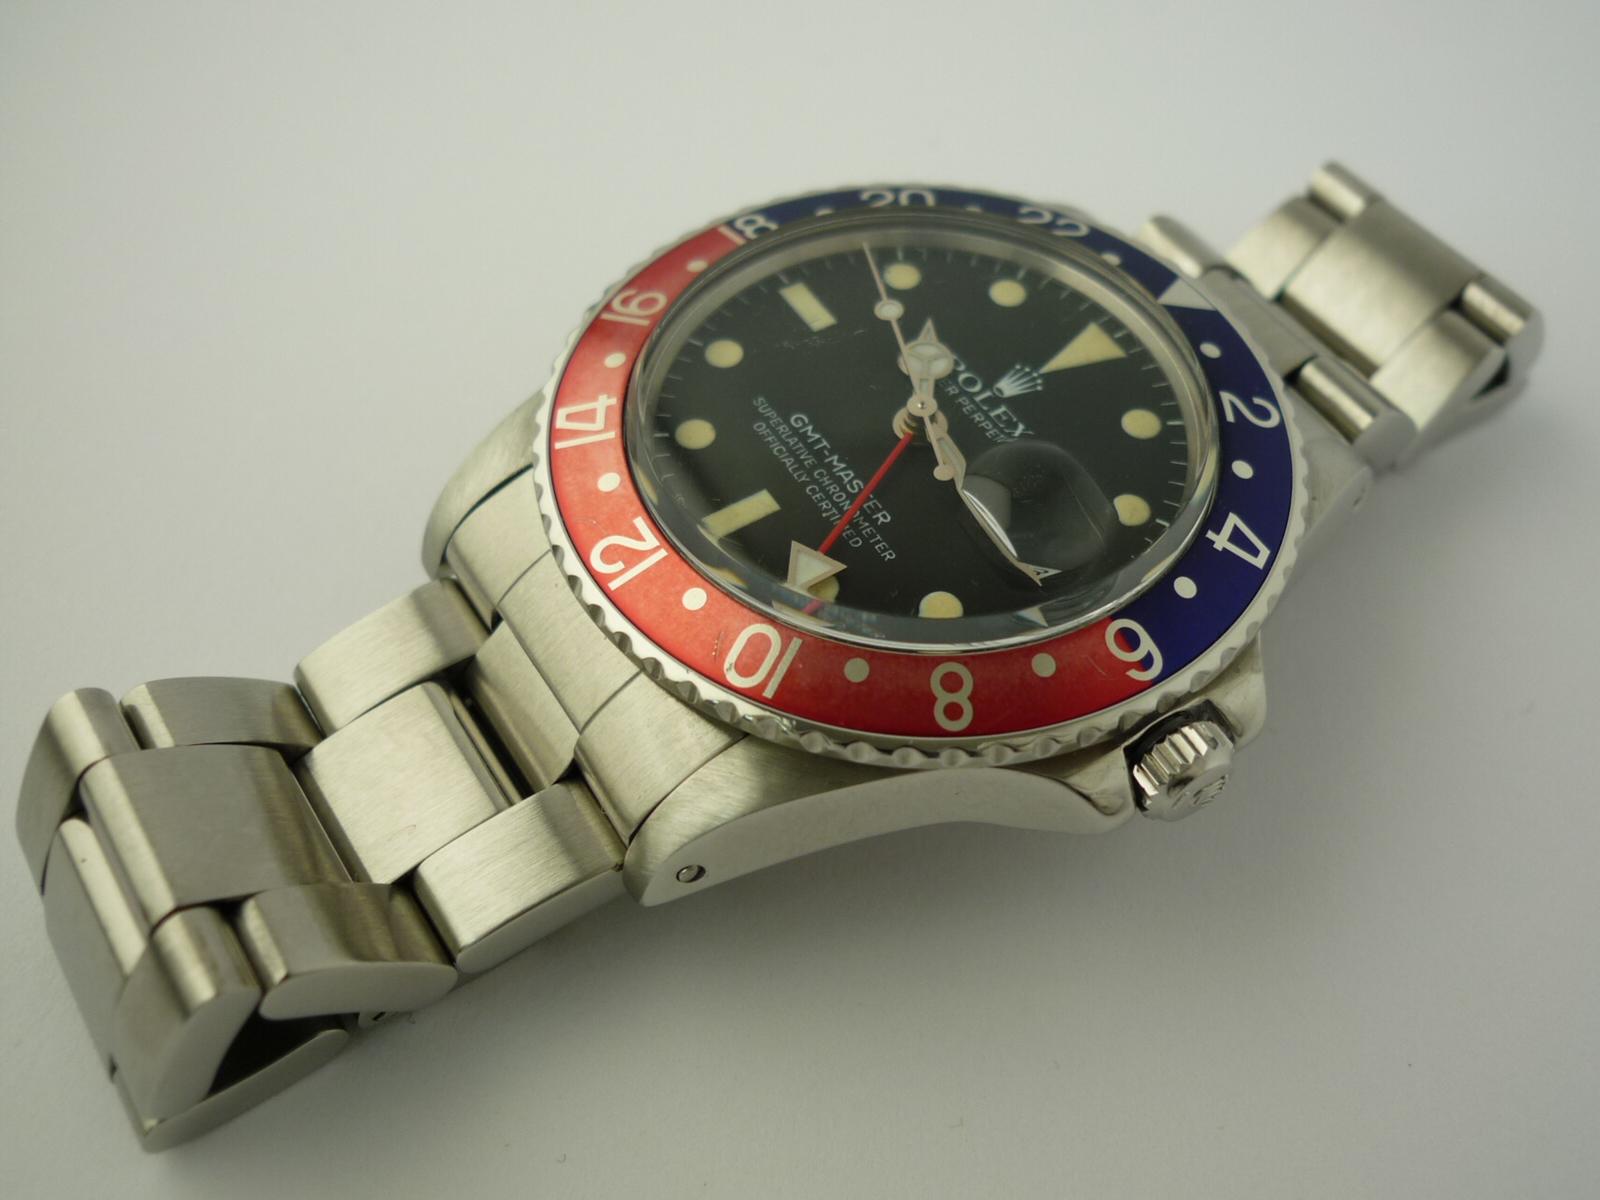 Rolex GMT Master ref 16750 Watch (1980)